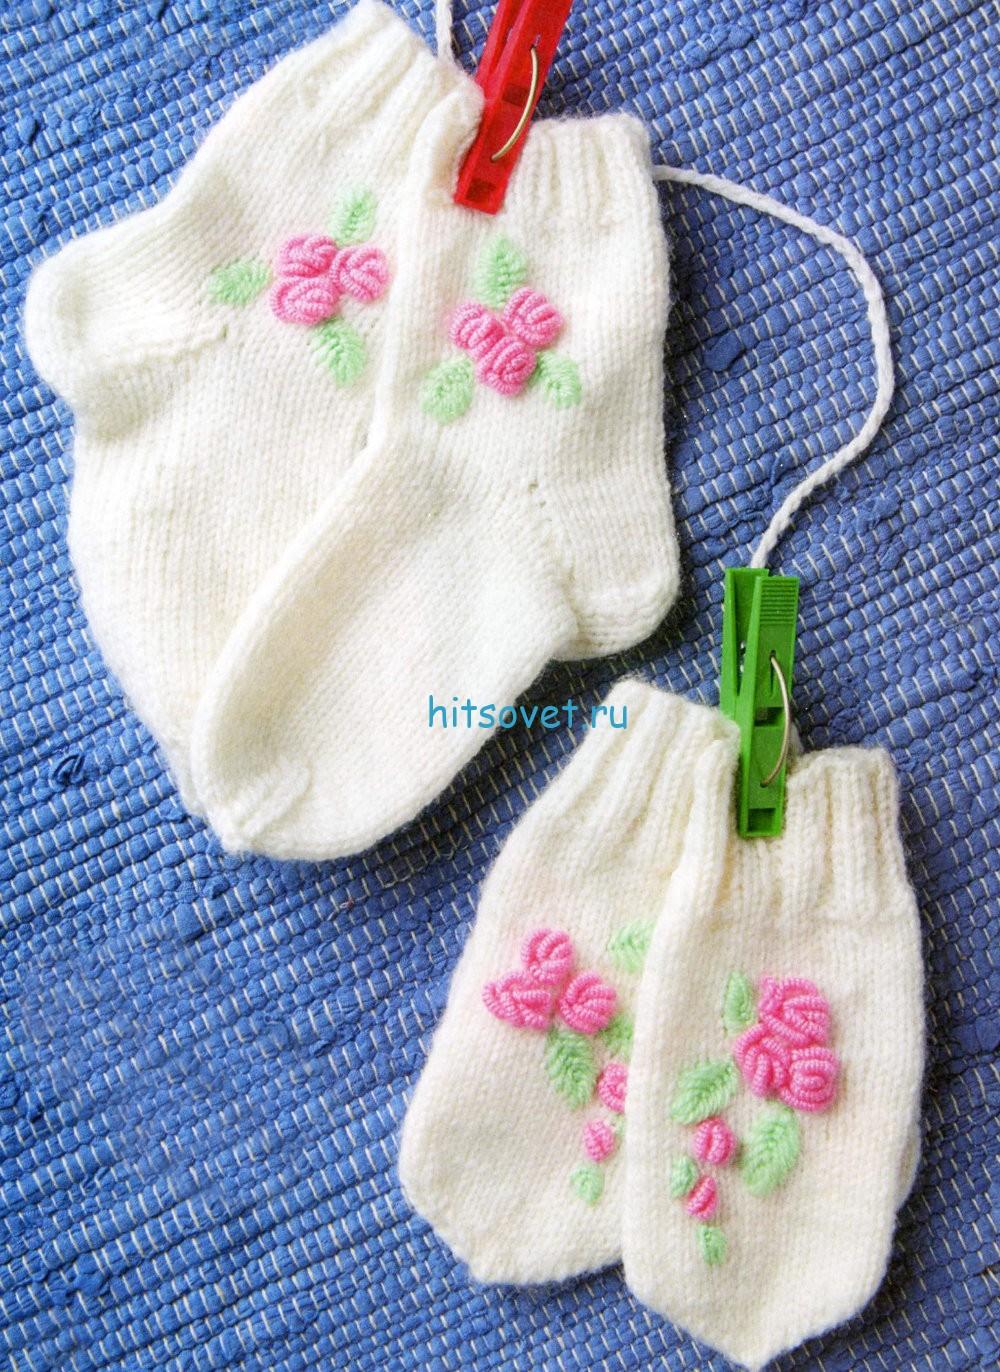 Вязаные варежки и носочки с вышивкой